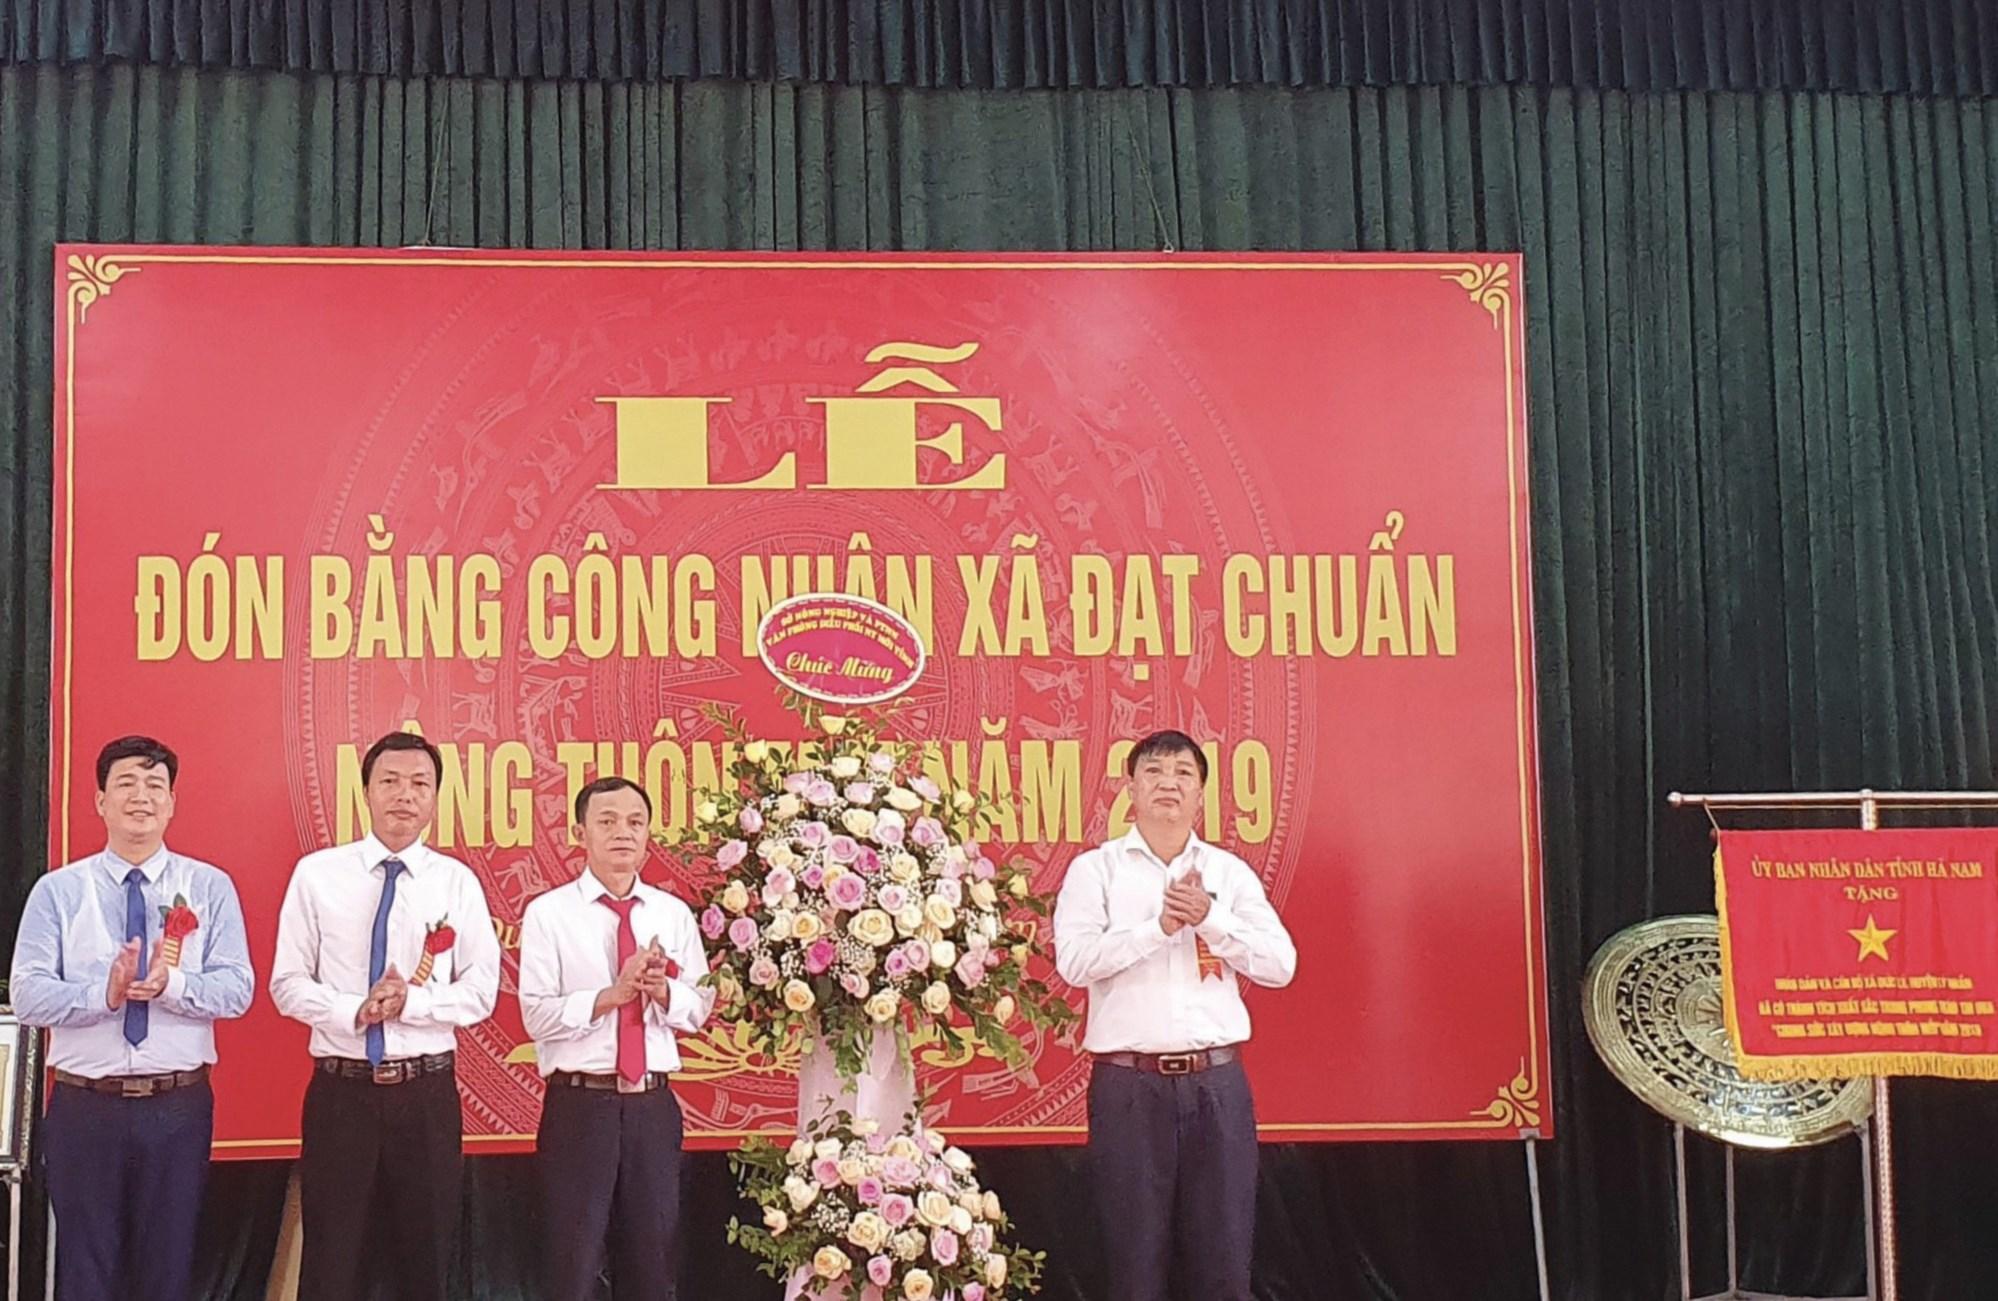 Lãnh đạo Đảng ủy, HĐND, UBND xã Đức Lý nhận danh hiệu Bằng công nhận NTM, Cờ Thi đua và hoa từ đại diện sở NN&PTNT tỉnh Hà Nam